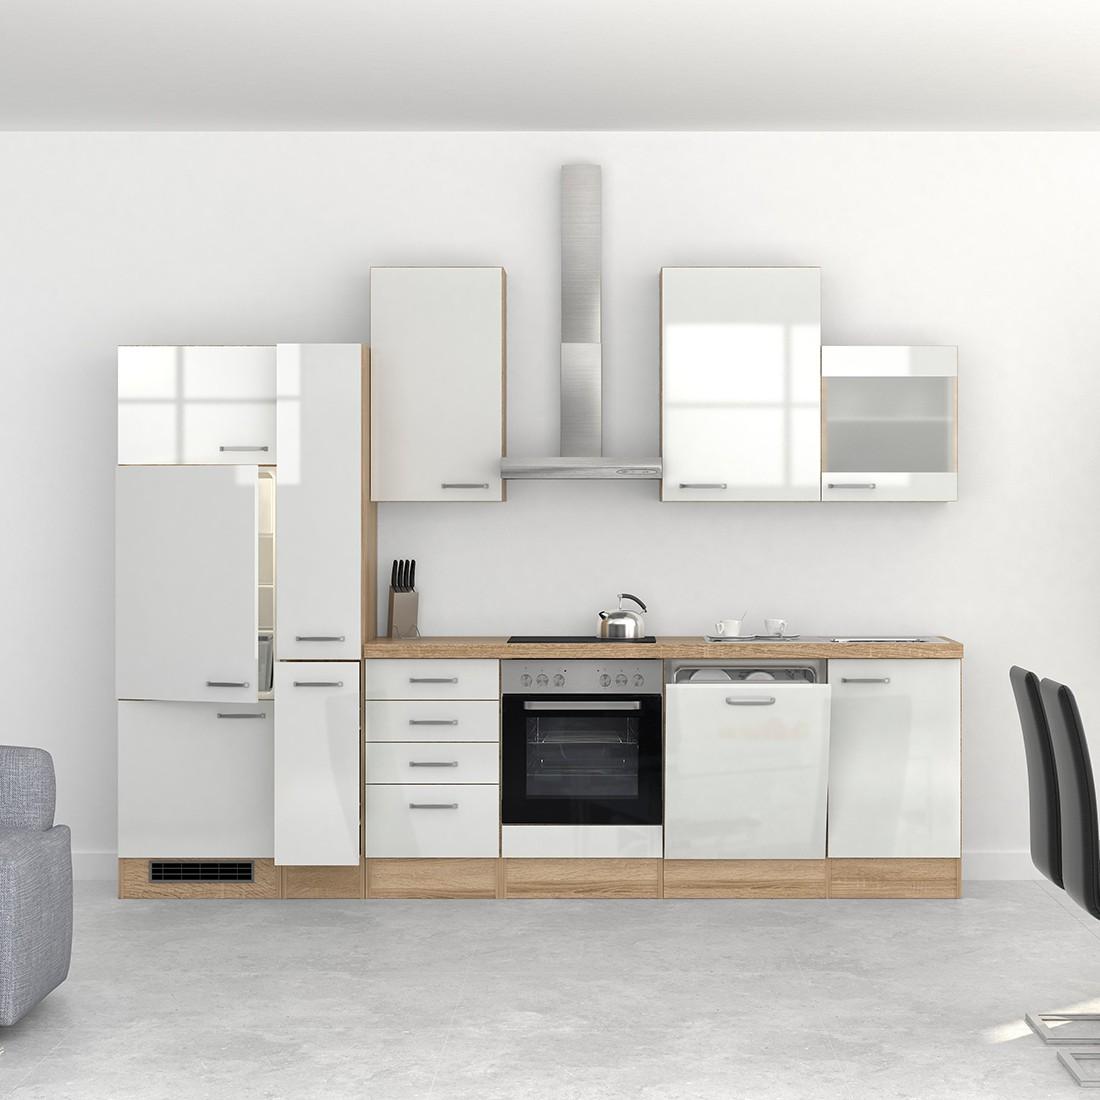 k chenzeile venedig k che mit e ger ten und 1 glash nger. Black Bedroom Furniture Sets. Home Design Ideas